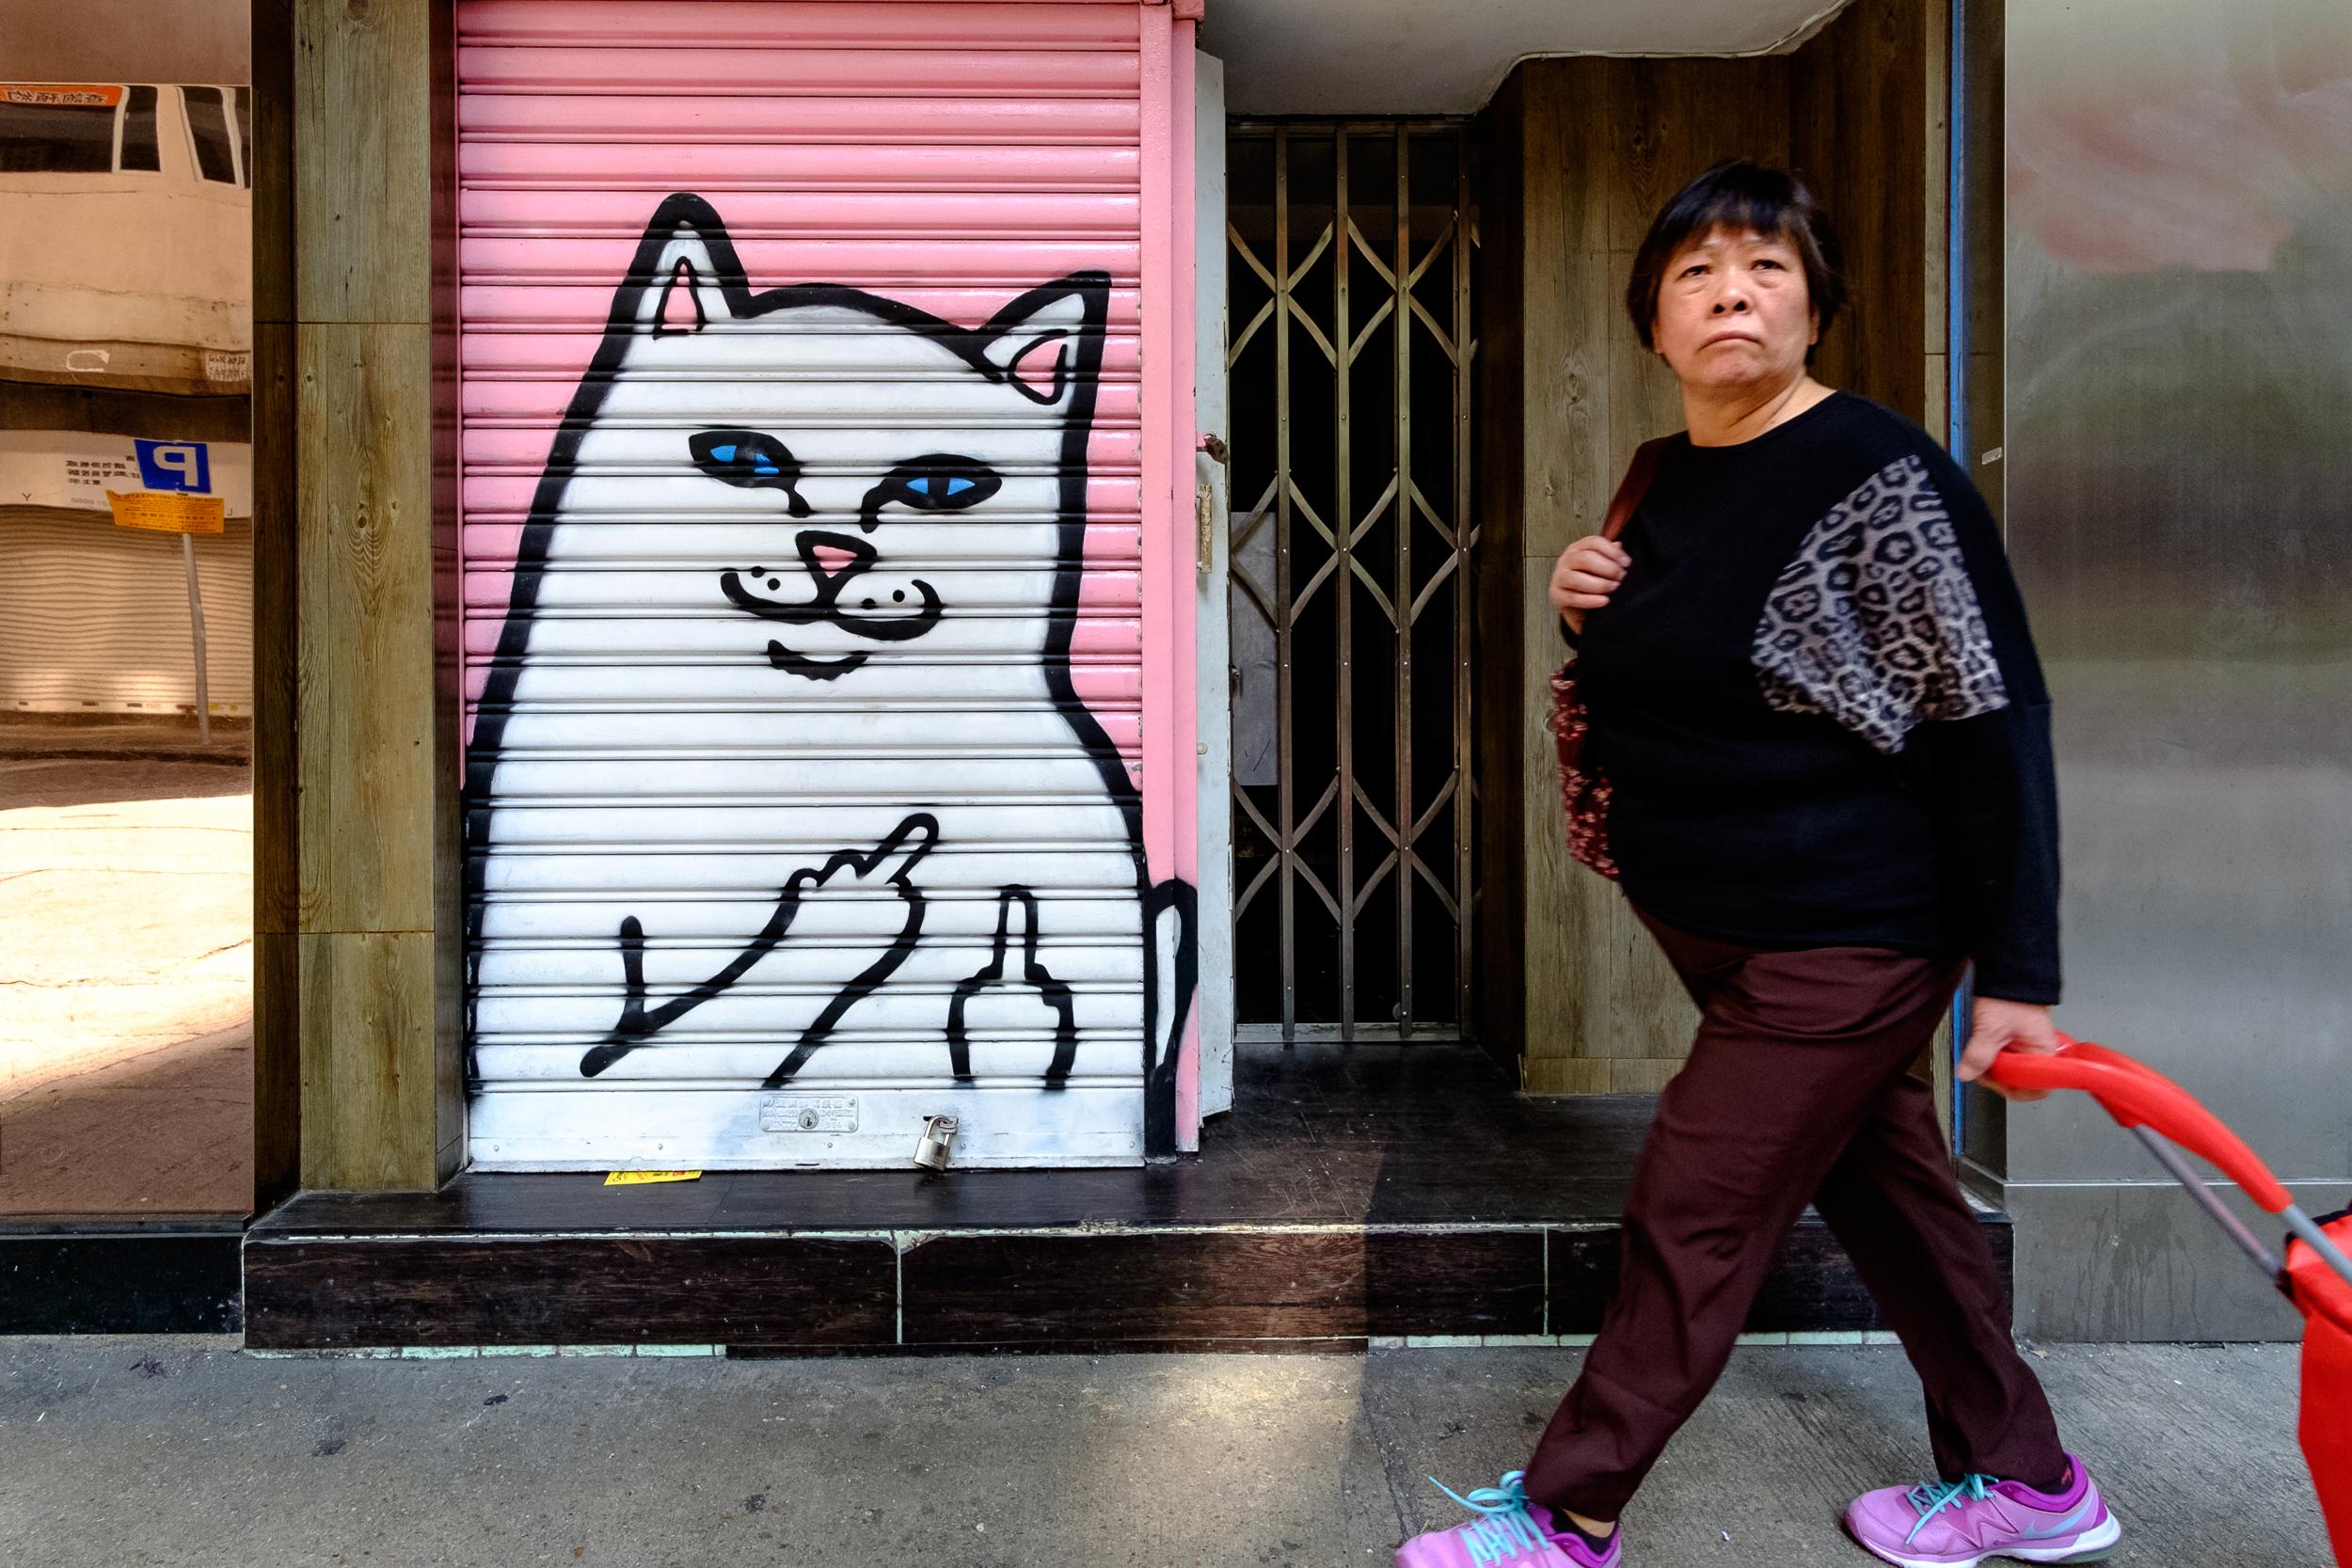 Kowloon, Hong Kong |   LIMITED EDITION PRINT AVAILABLE   |